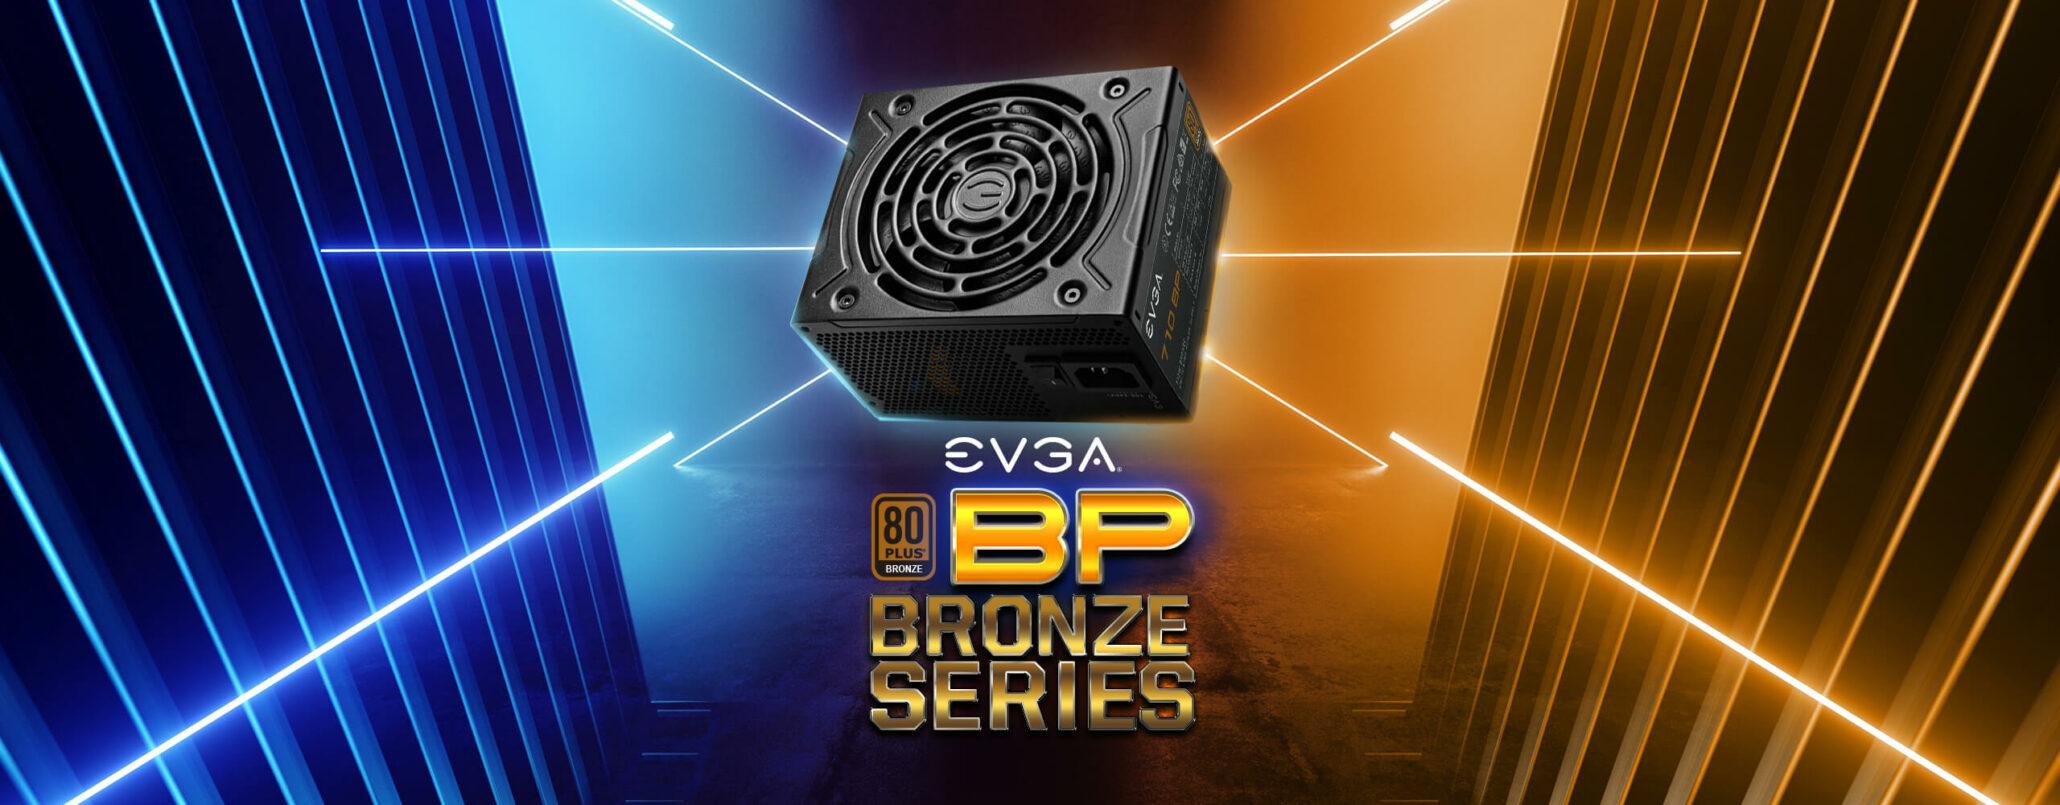 EVGA представляет блоки питания серии BP Bronze